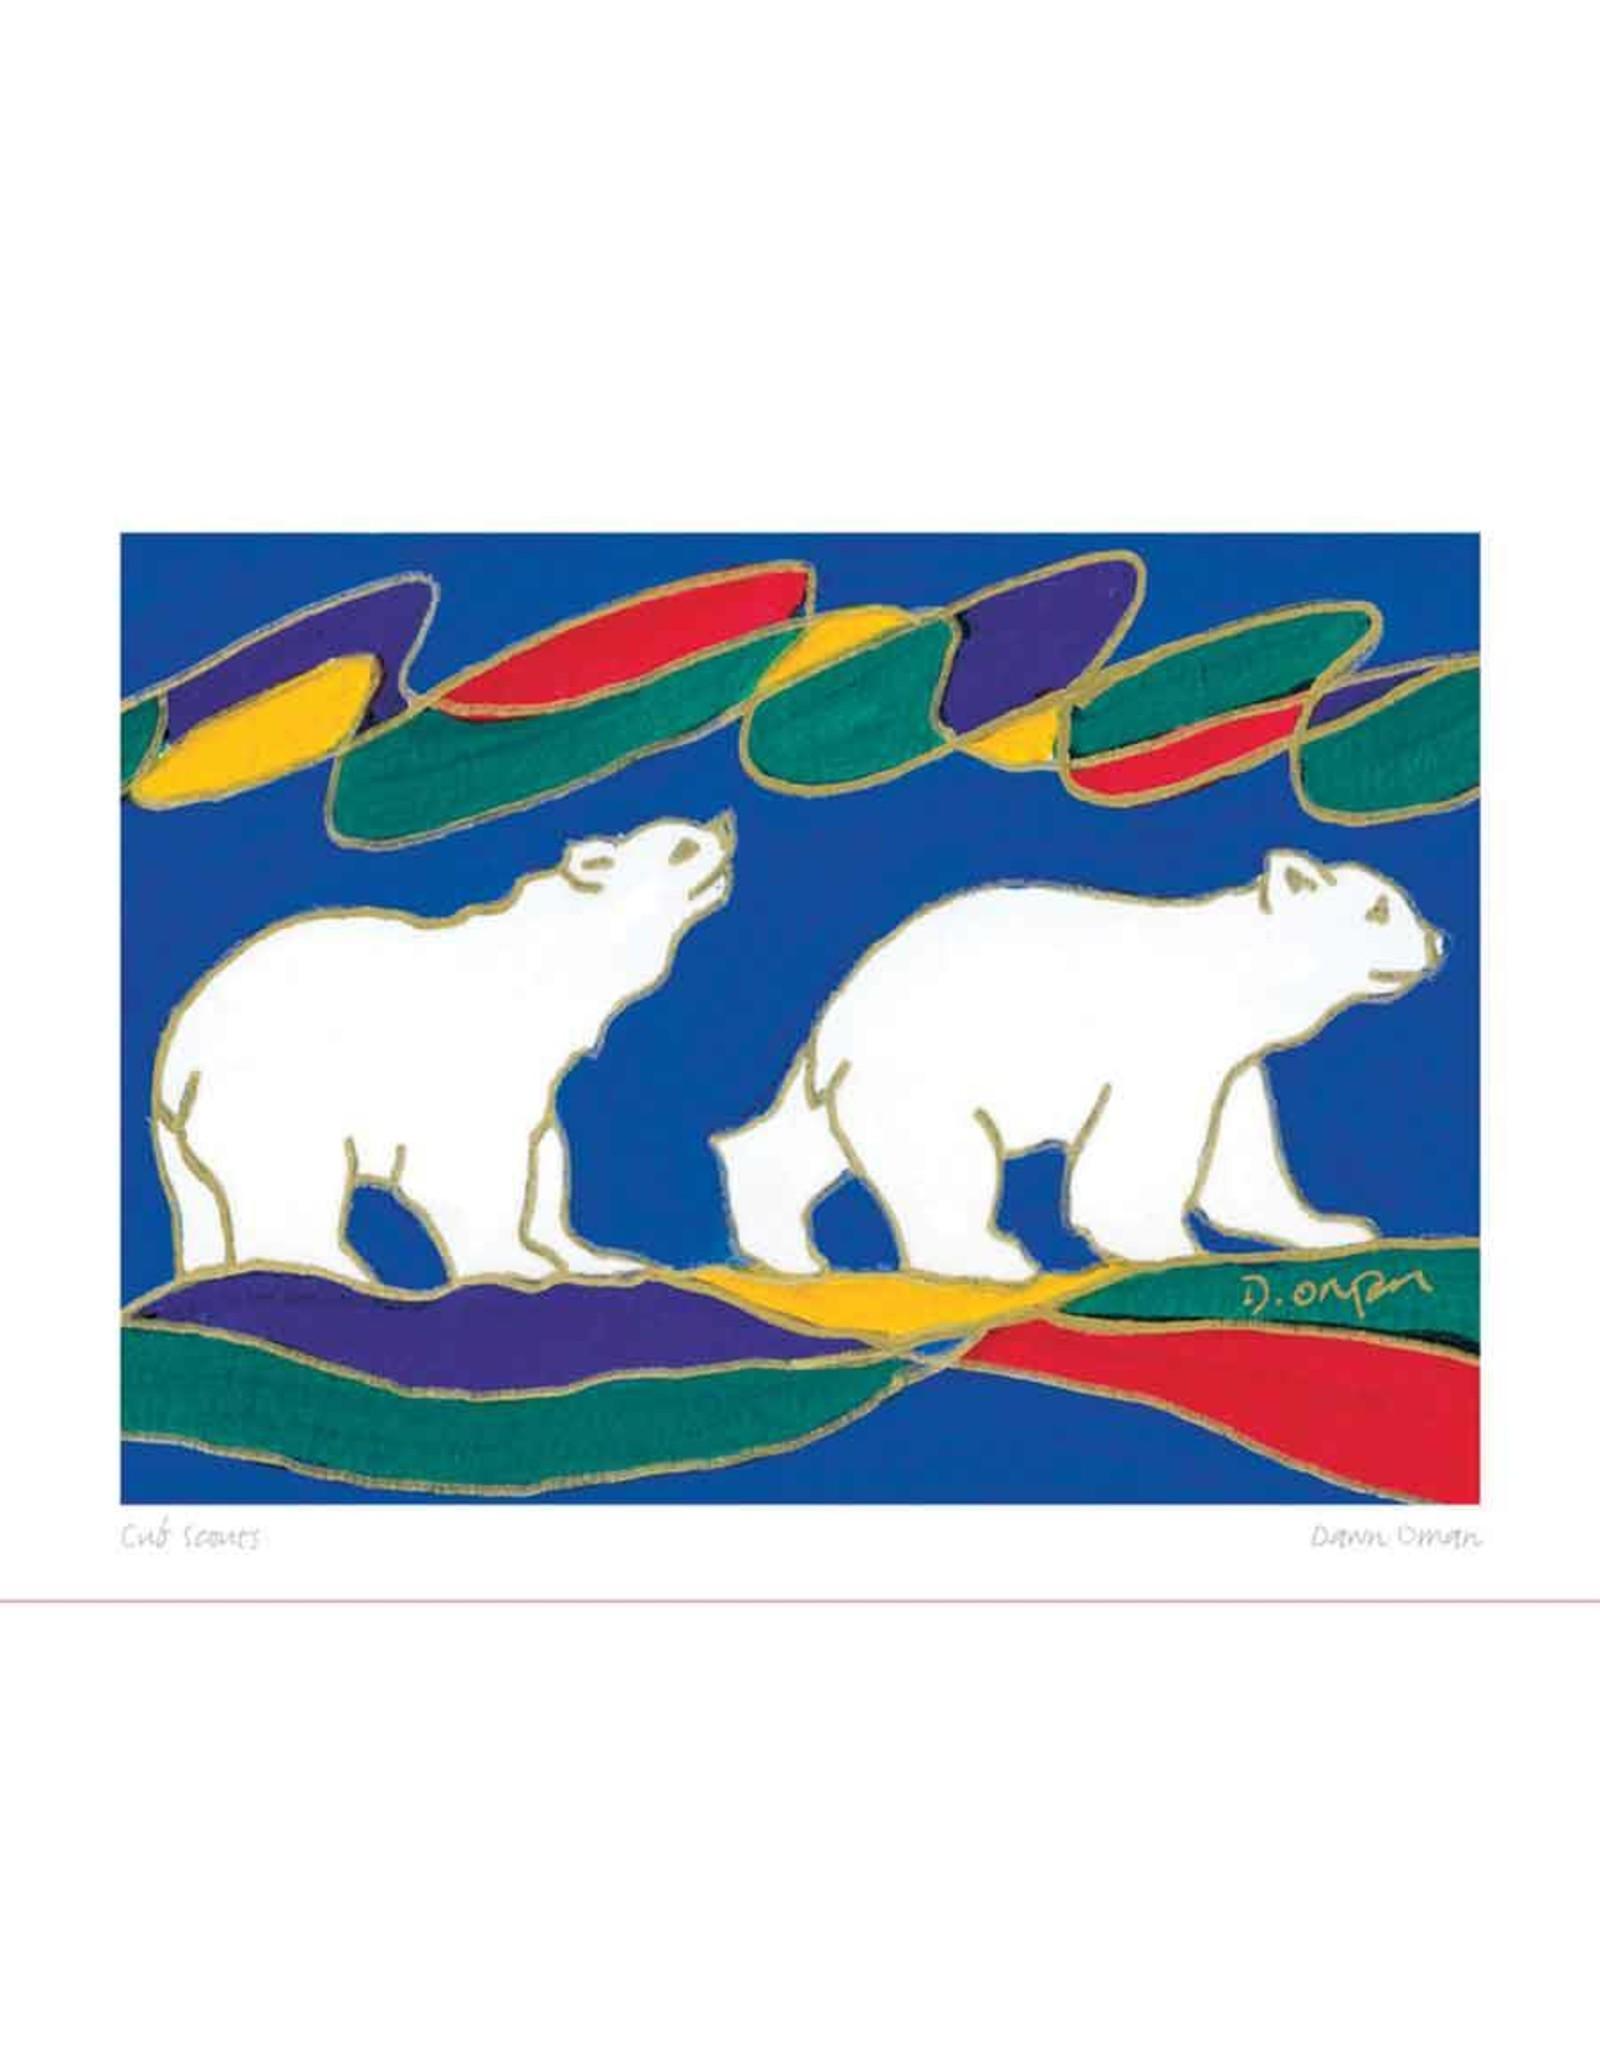 Cub Scouts by Dawn Oman Card